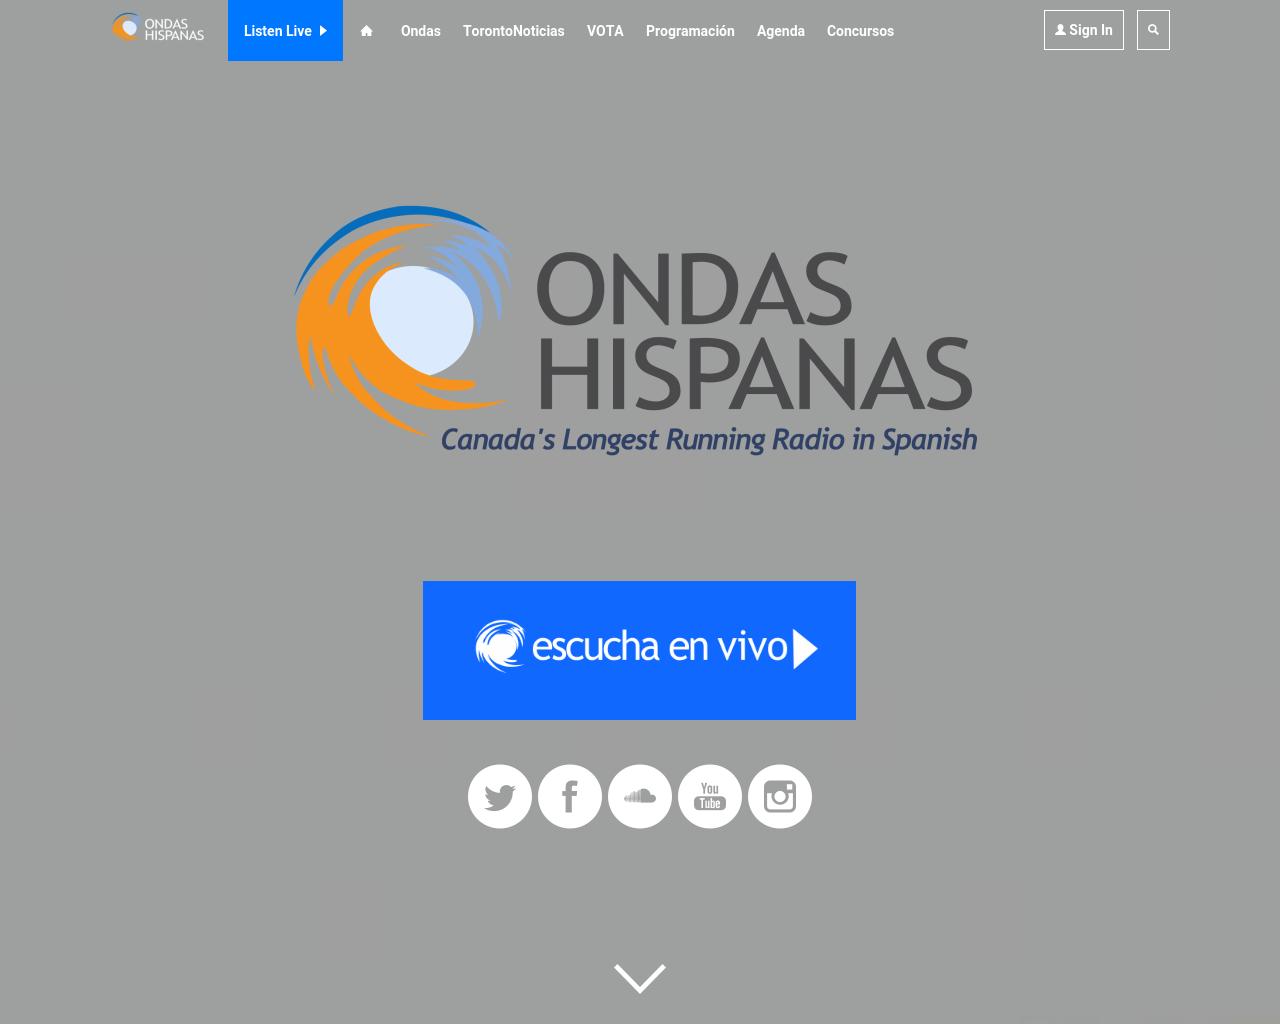 ONDAS-HISPANAS-Advertising-Reviews-Pricing